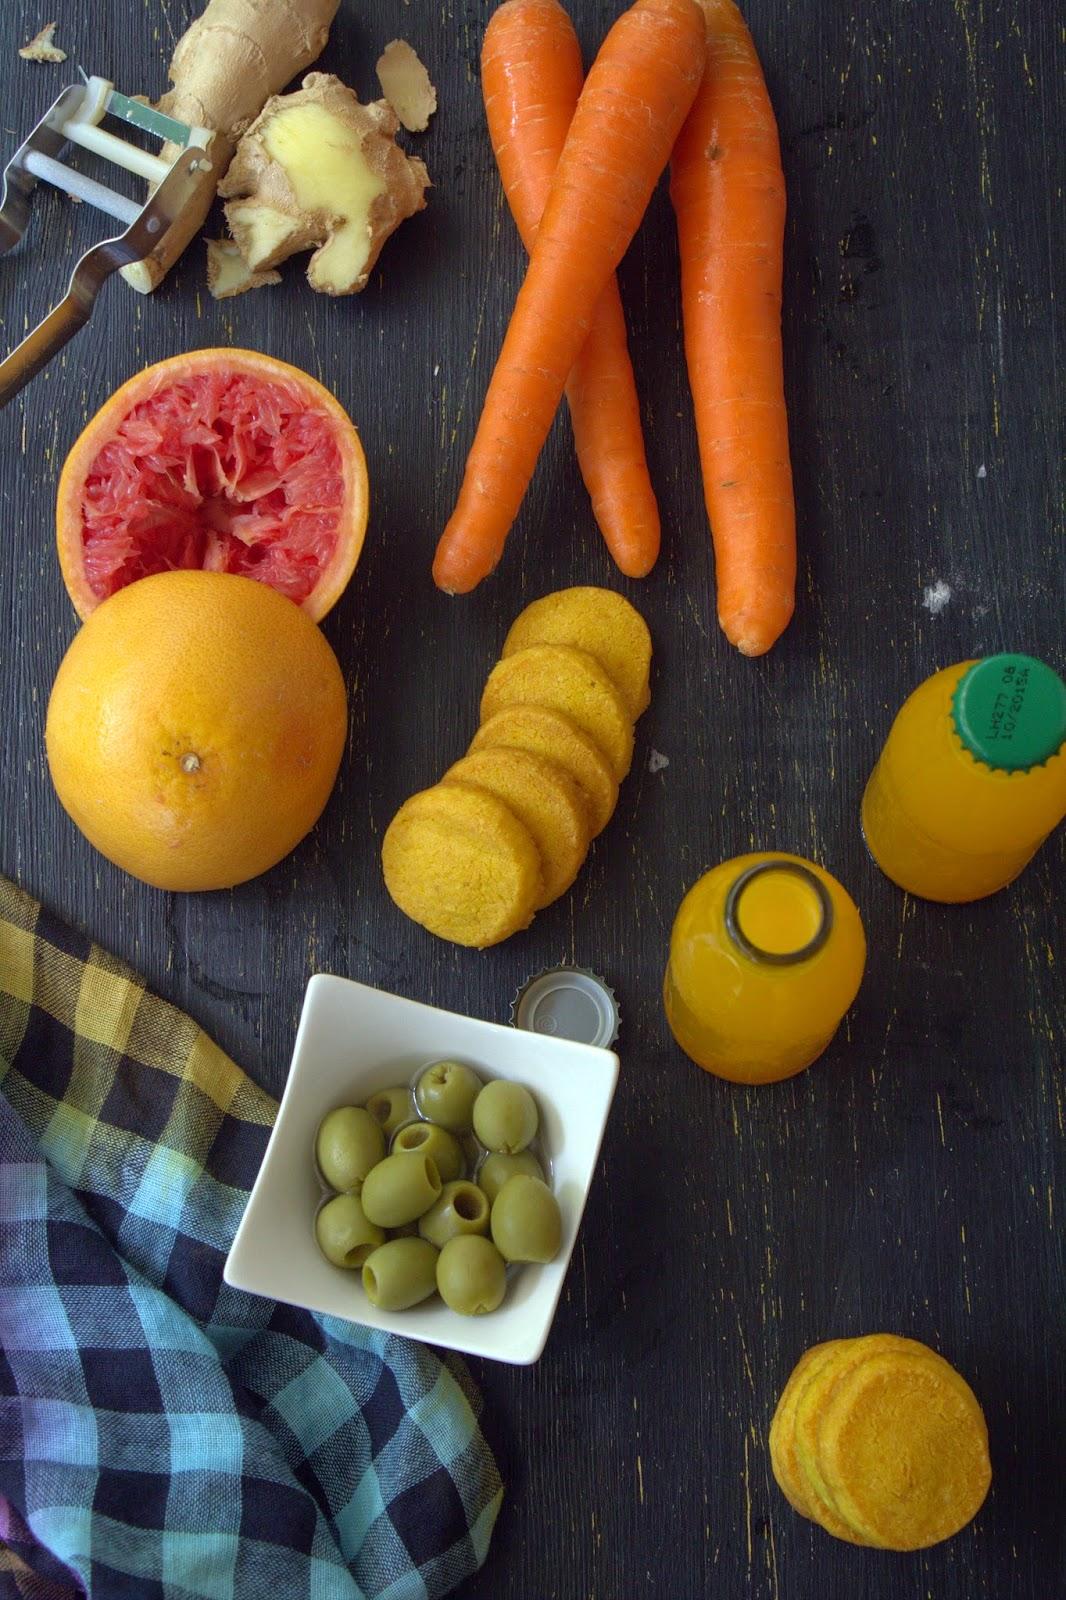 un aperitivo si, ma non il solito! zuppa fredda in calice di carote, pompelmo, zenzero e biscottini al pecorino